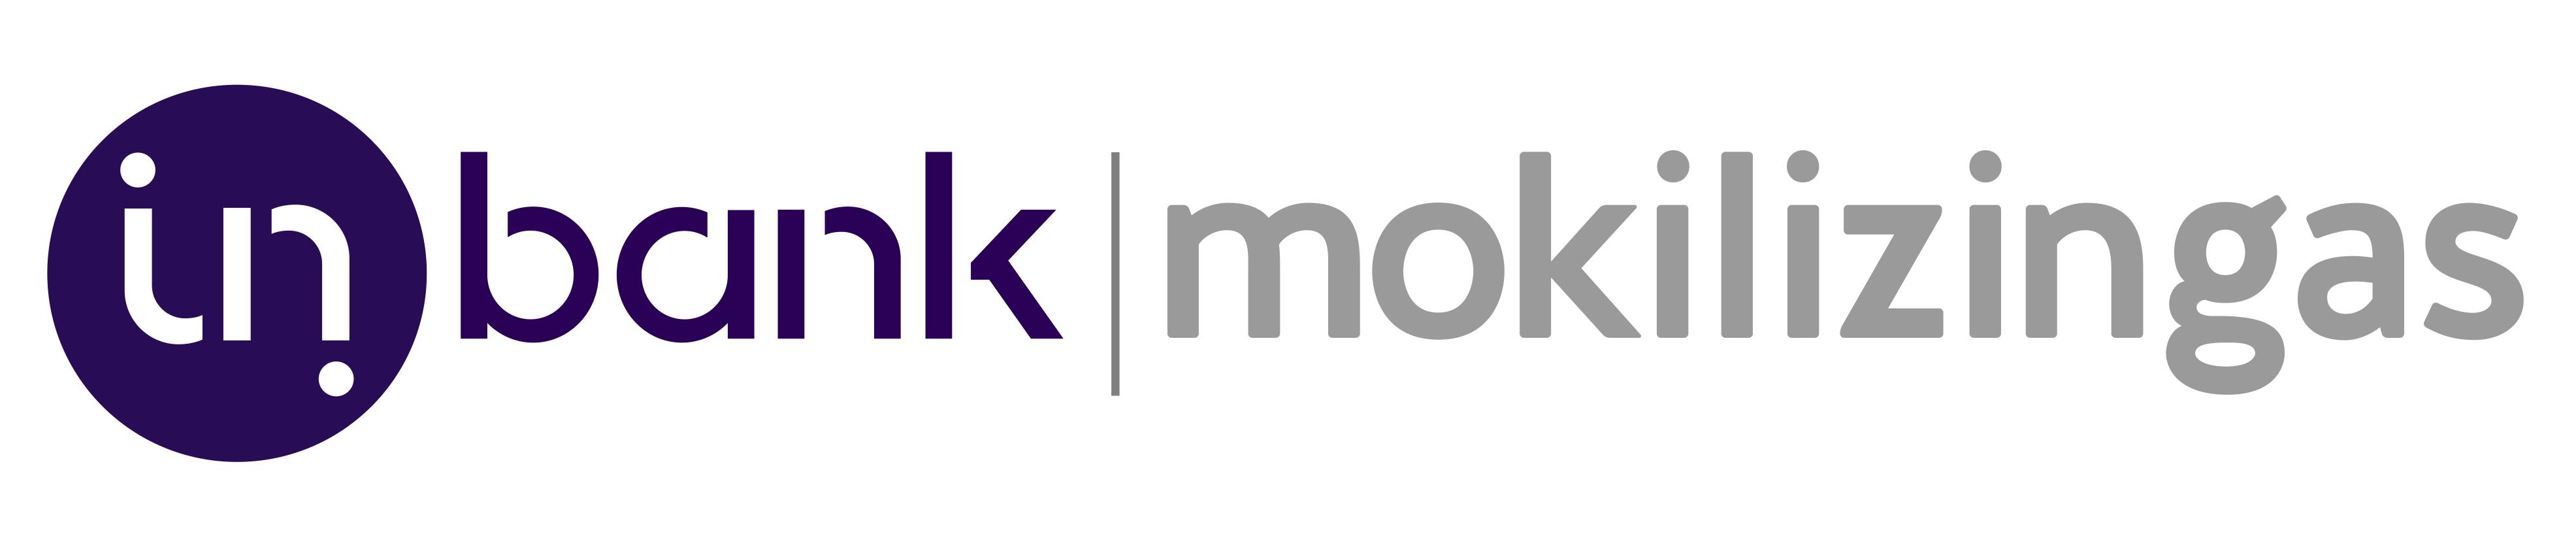 Inbank Mokilizingas